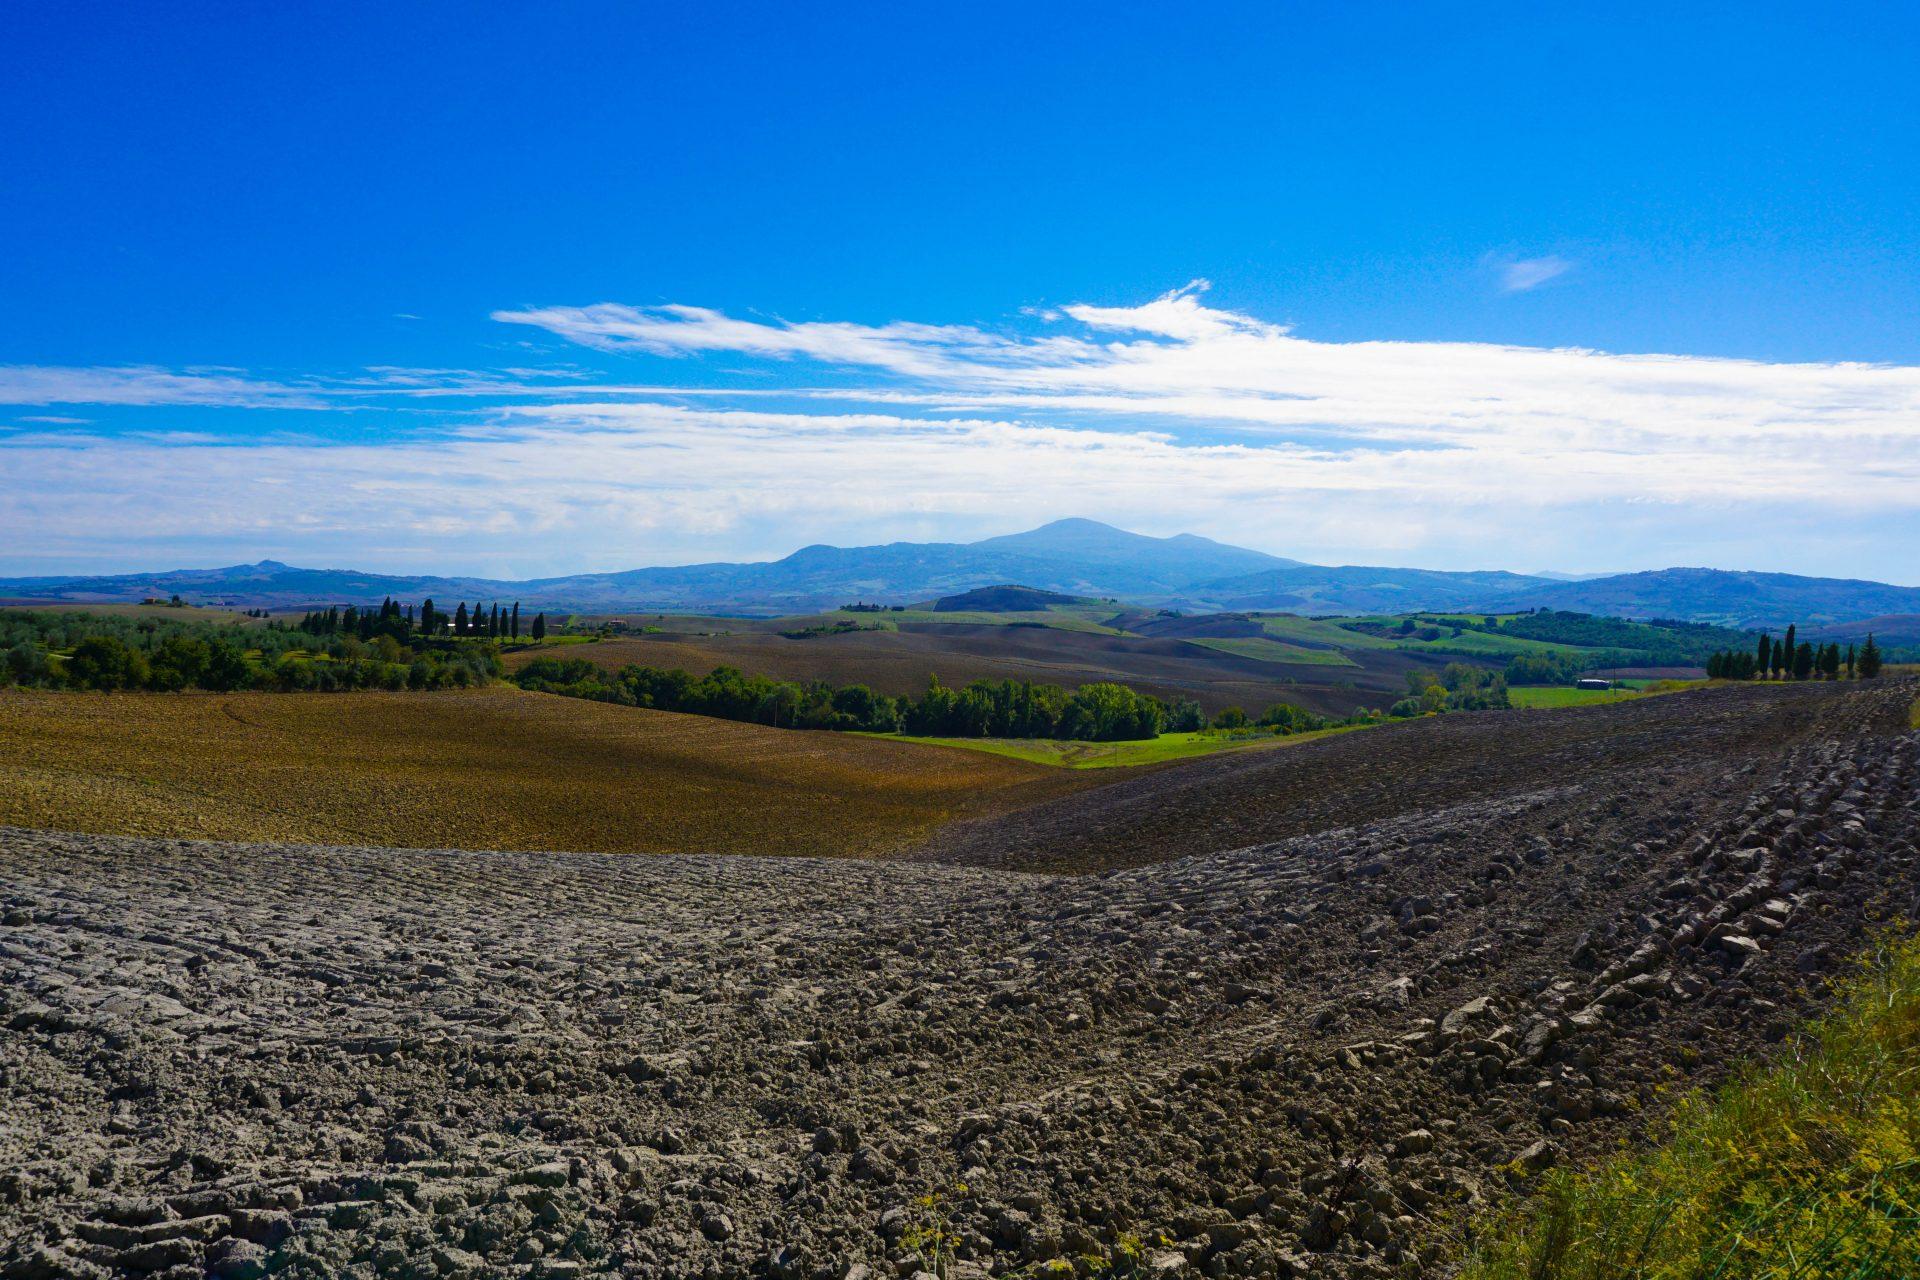 wlochy jesienią val d'orcia toskania włochy tuscany italy